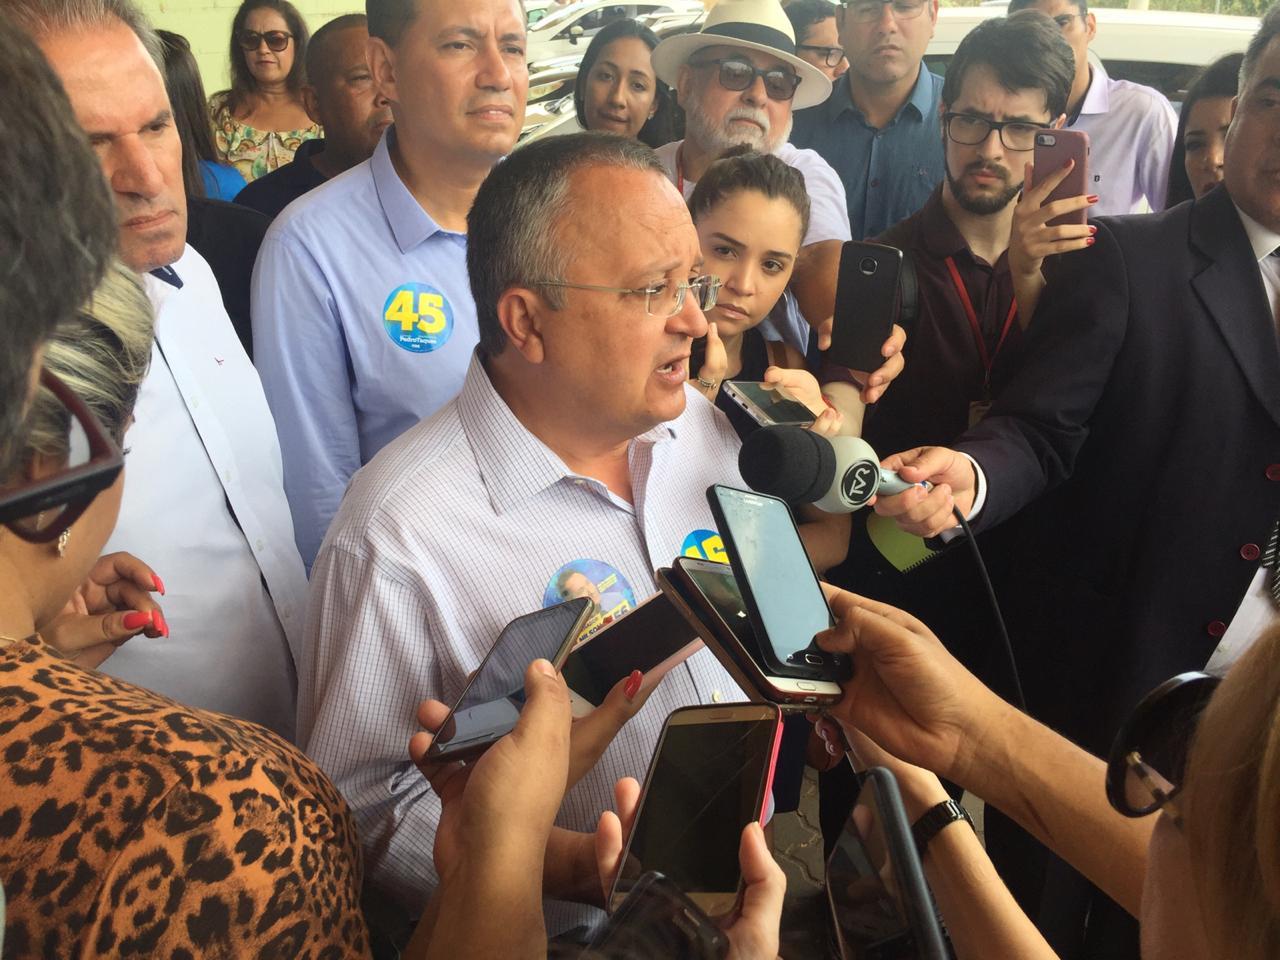 Candidato falou sobre o processo de campanha. Foto: GazetaMT